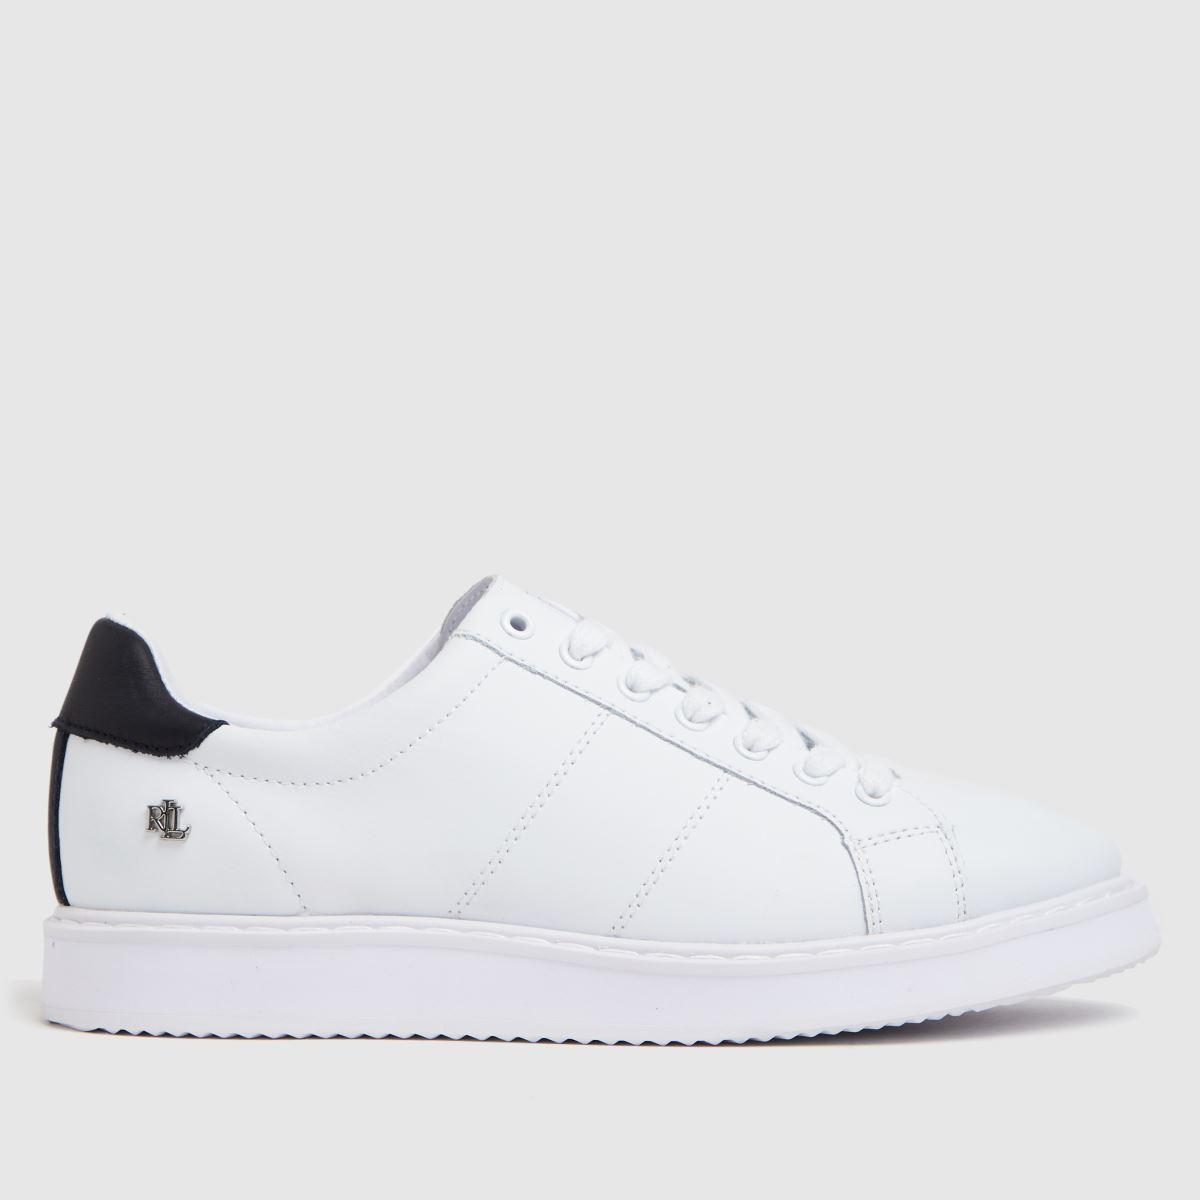 LAUREN RALPH LAUREN White & Navy Angeline Ii Sneaker Trainers